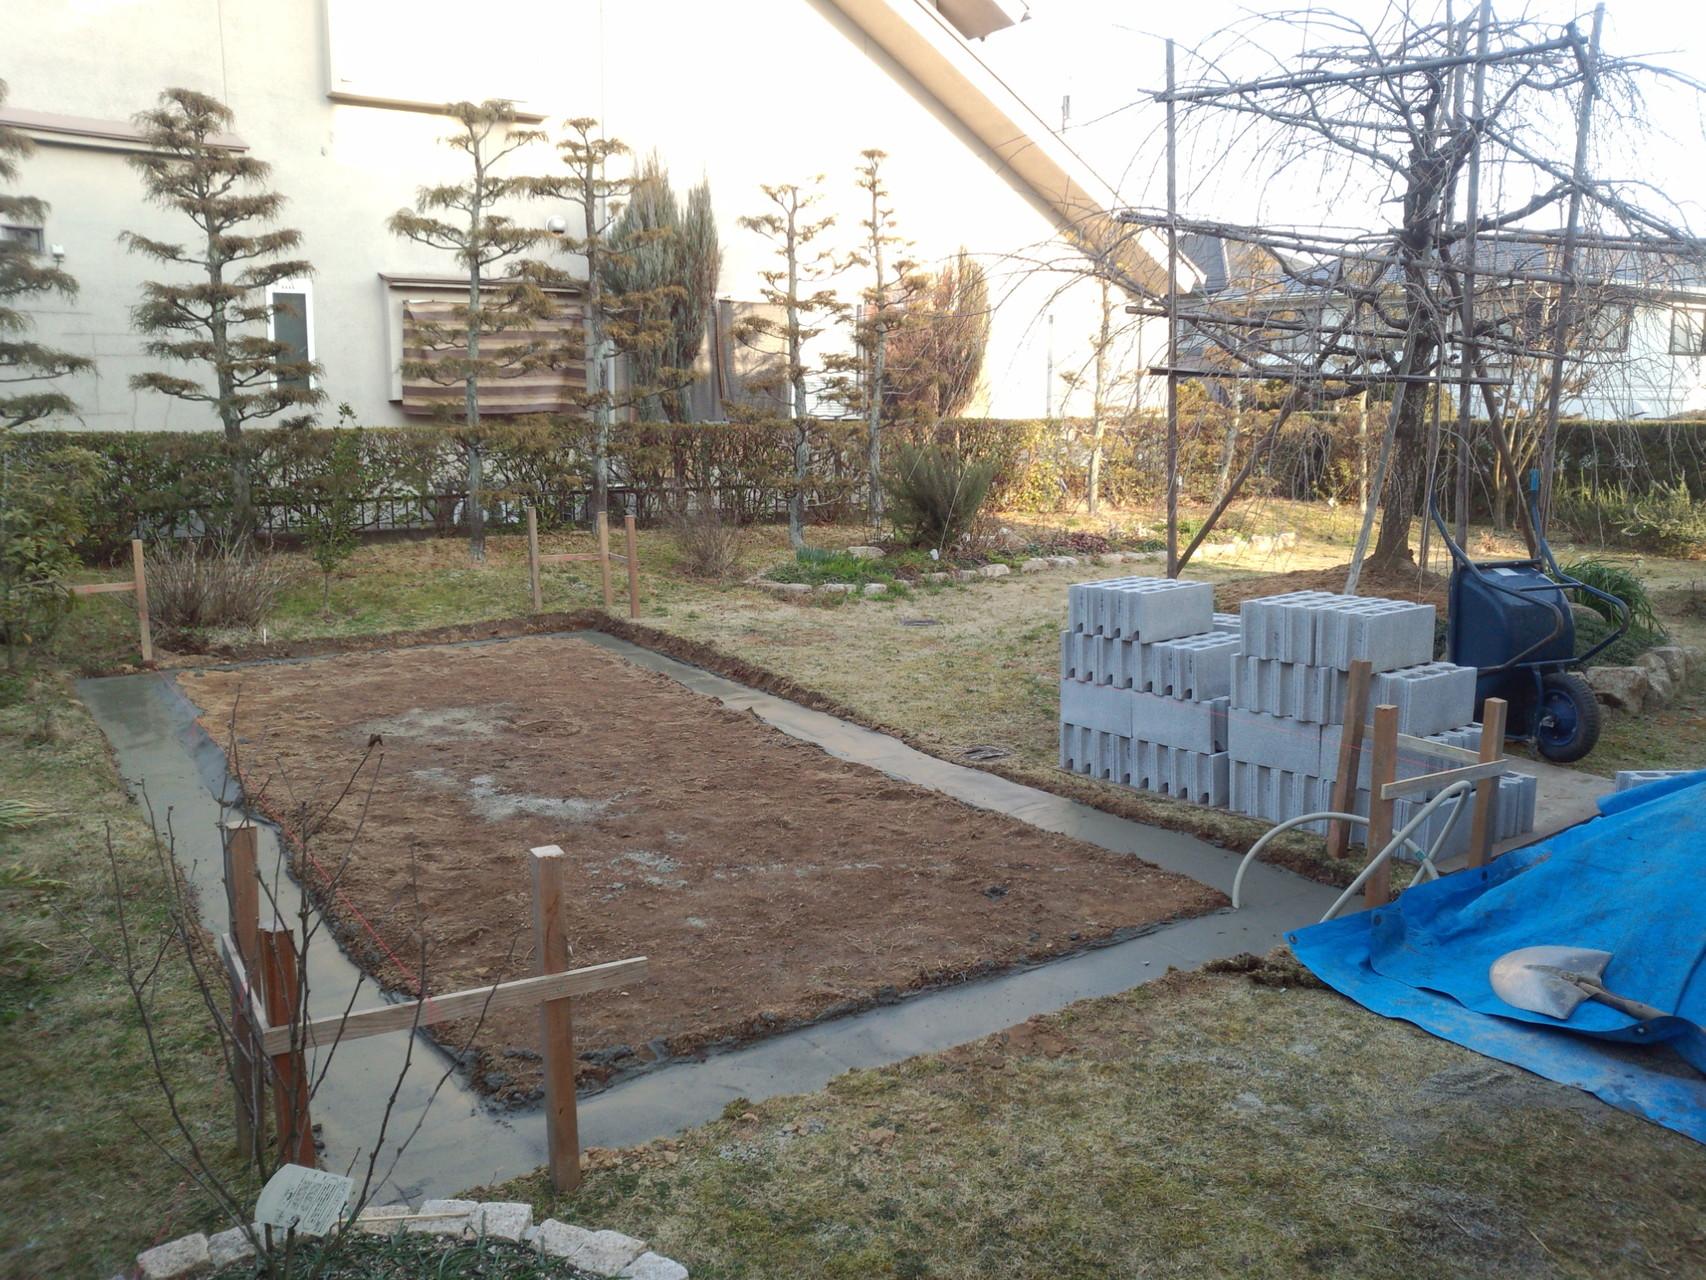 基礎工事(コンクリート) 温室新築工事@奈良県北葛城郡広陵町